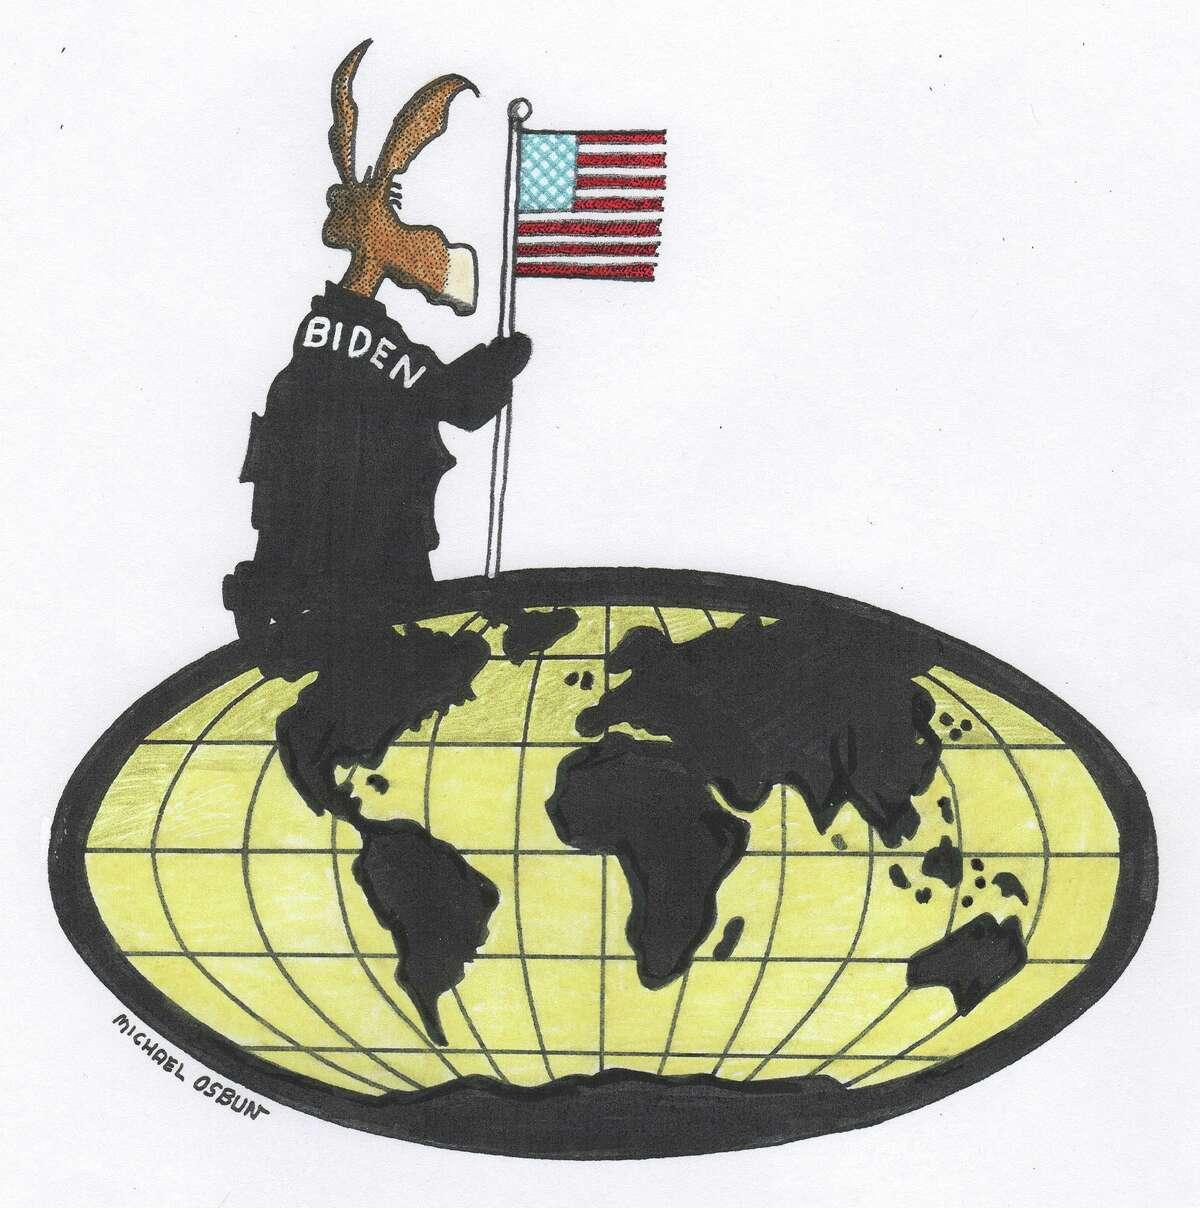 Illustration for leadership op-ed.